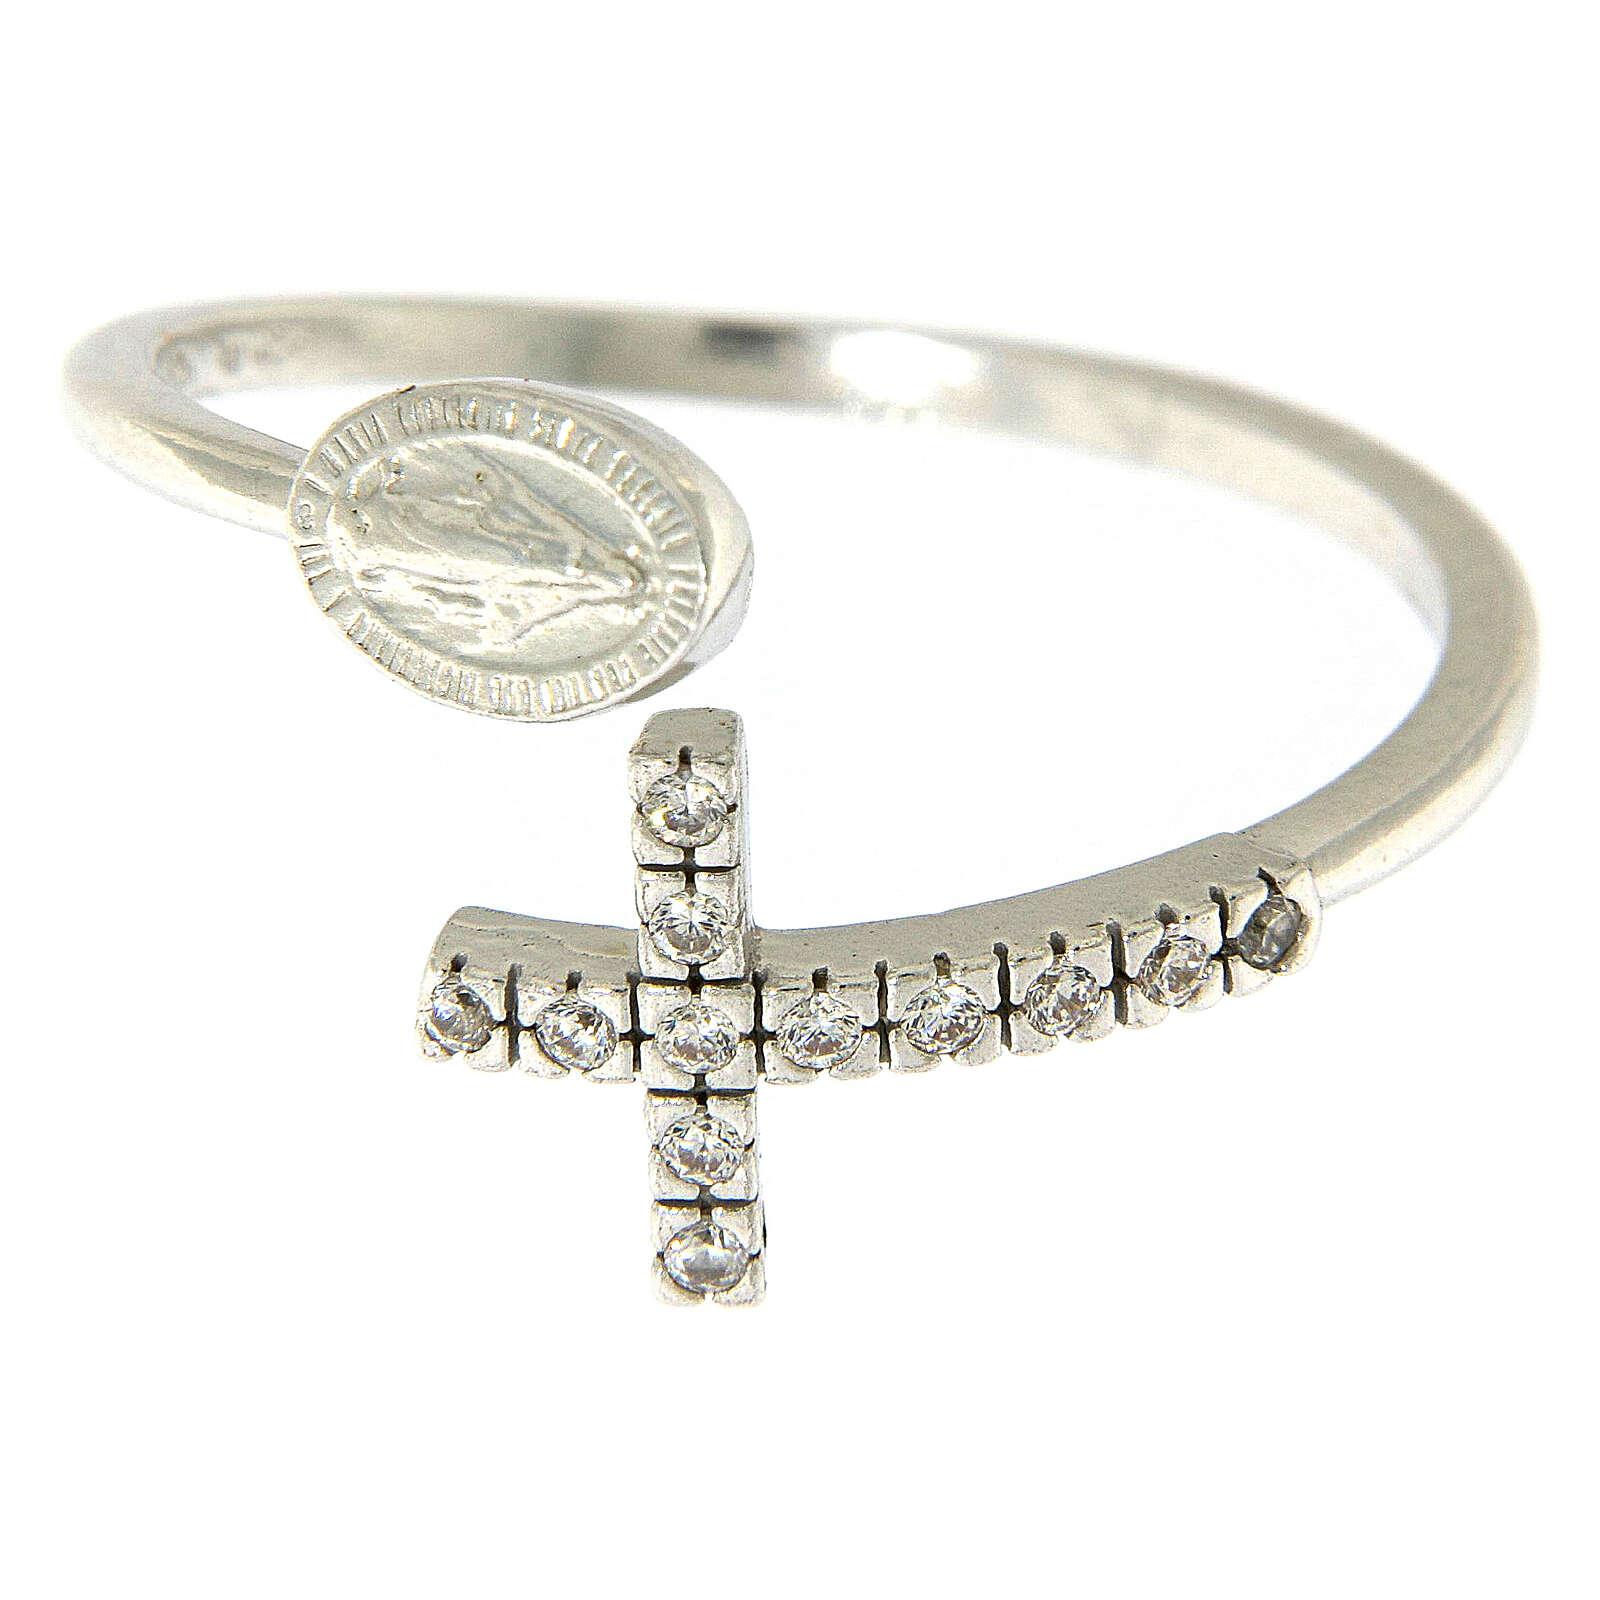 Ring Silber 925 wunderbare Medaille und Kreuz mit Zirkonen 3